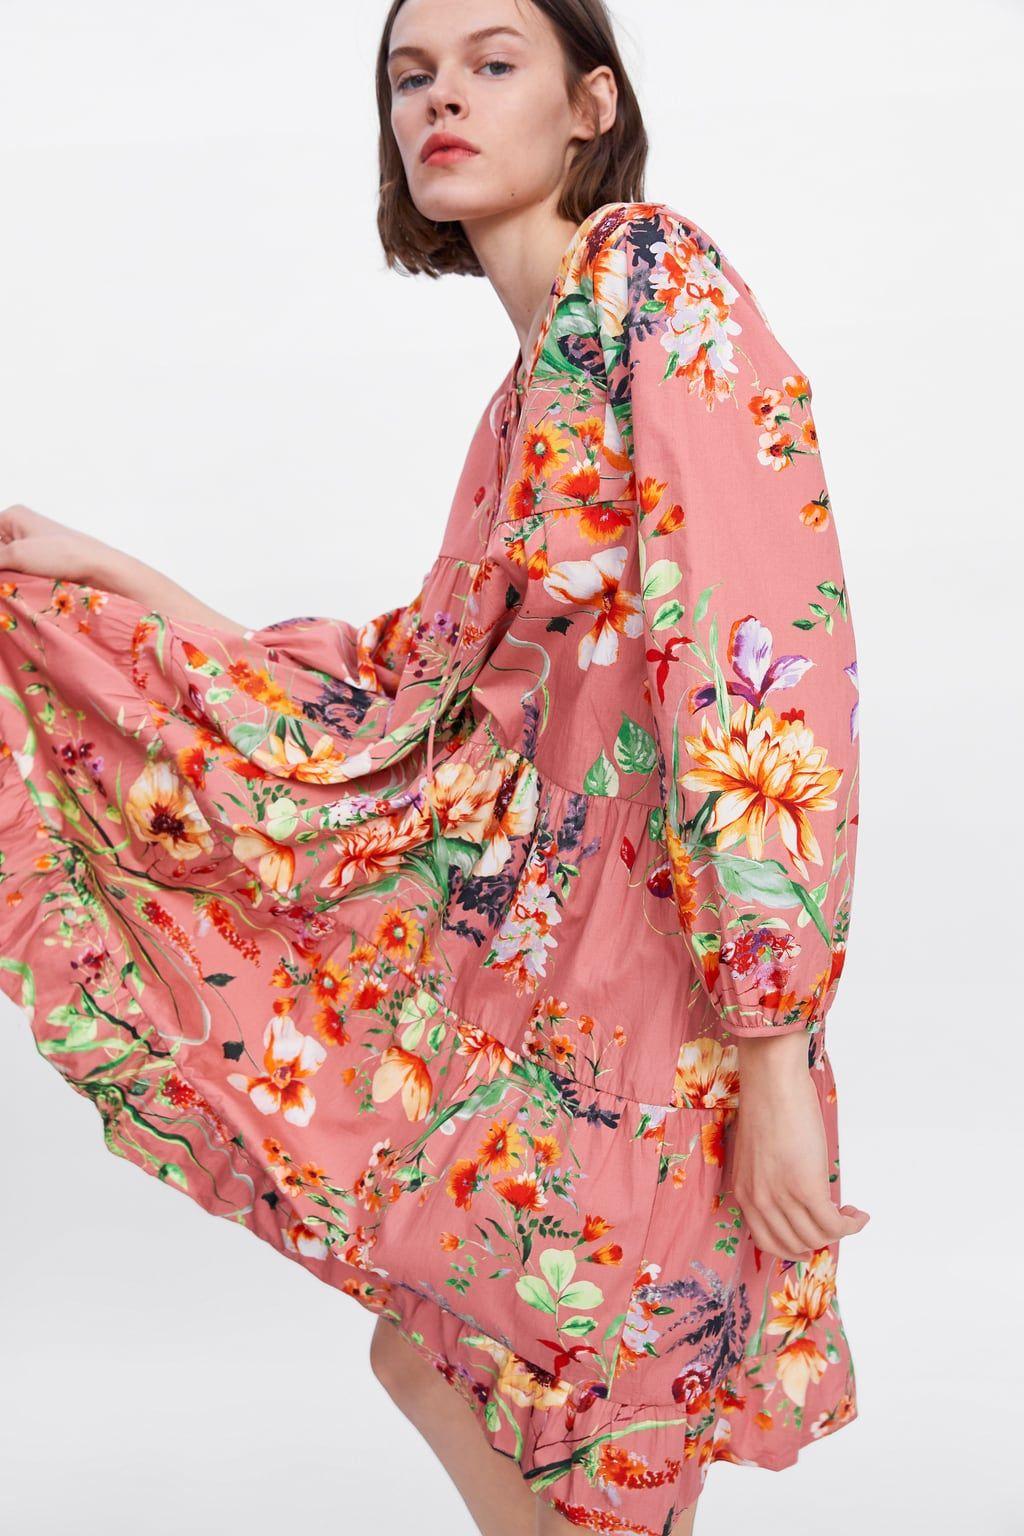 Zdjecie 5 Sukienka W Kwiaty Z Zara Women Blouse Dress Outfit Zara